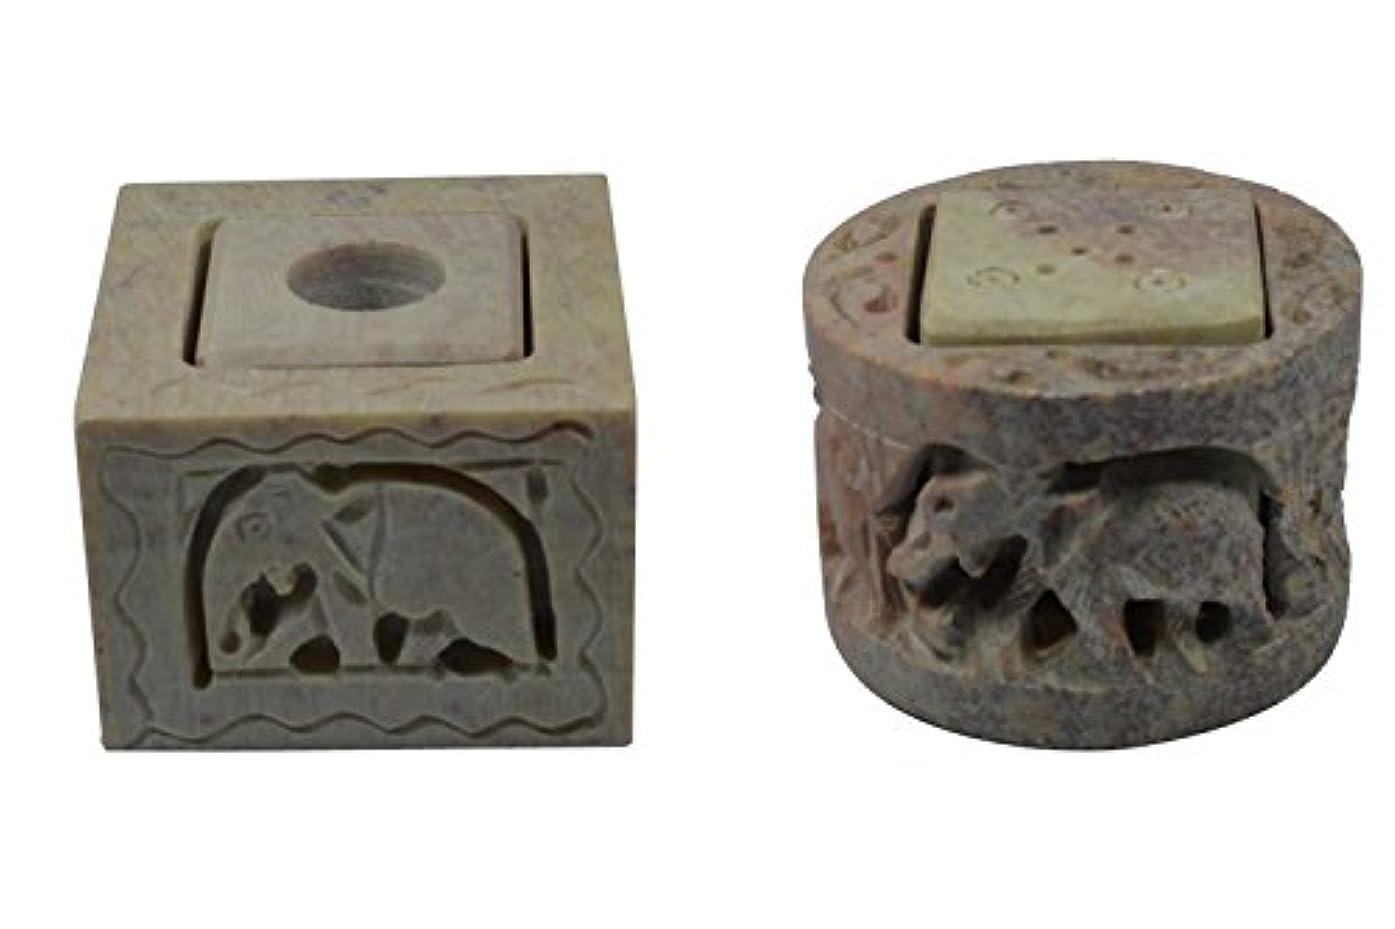 冷酷な瞑想入り口Royal Handicrafts Handcrafted Soapstone Candle & Incense Holder With Elephant Carving - Set of 2